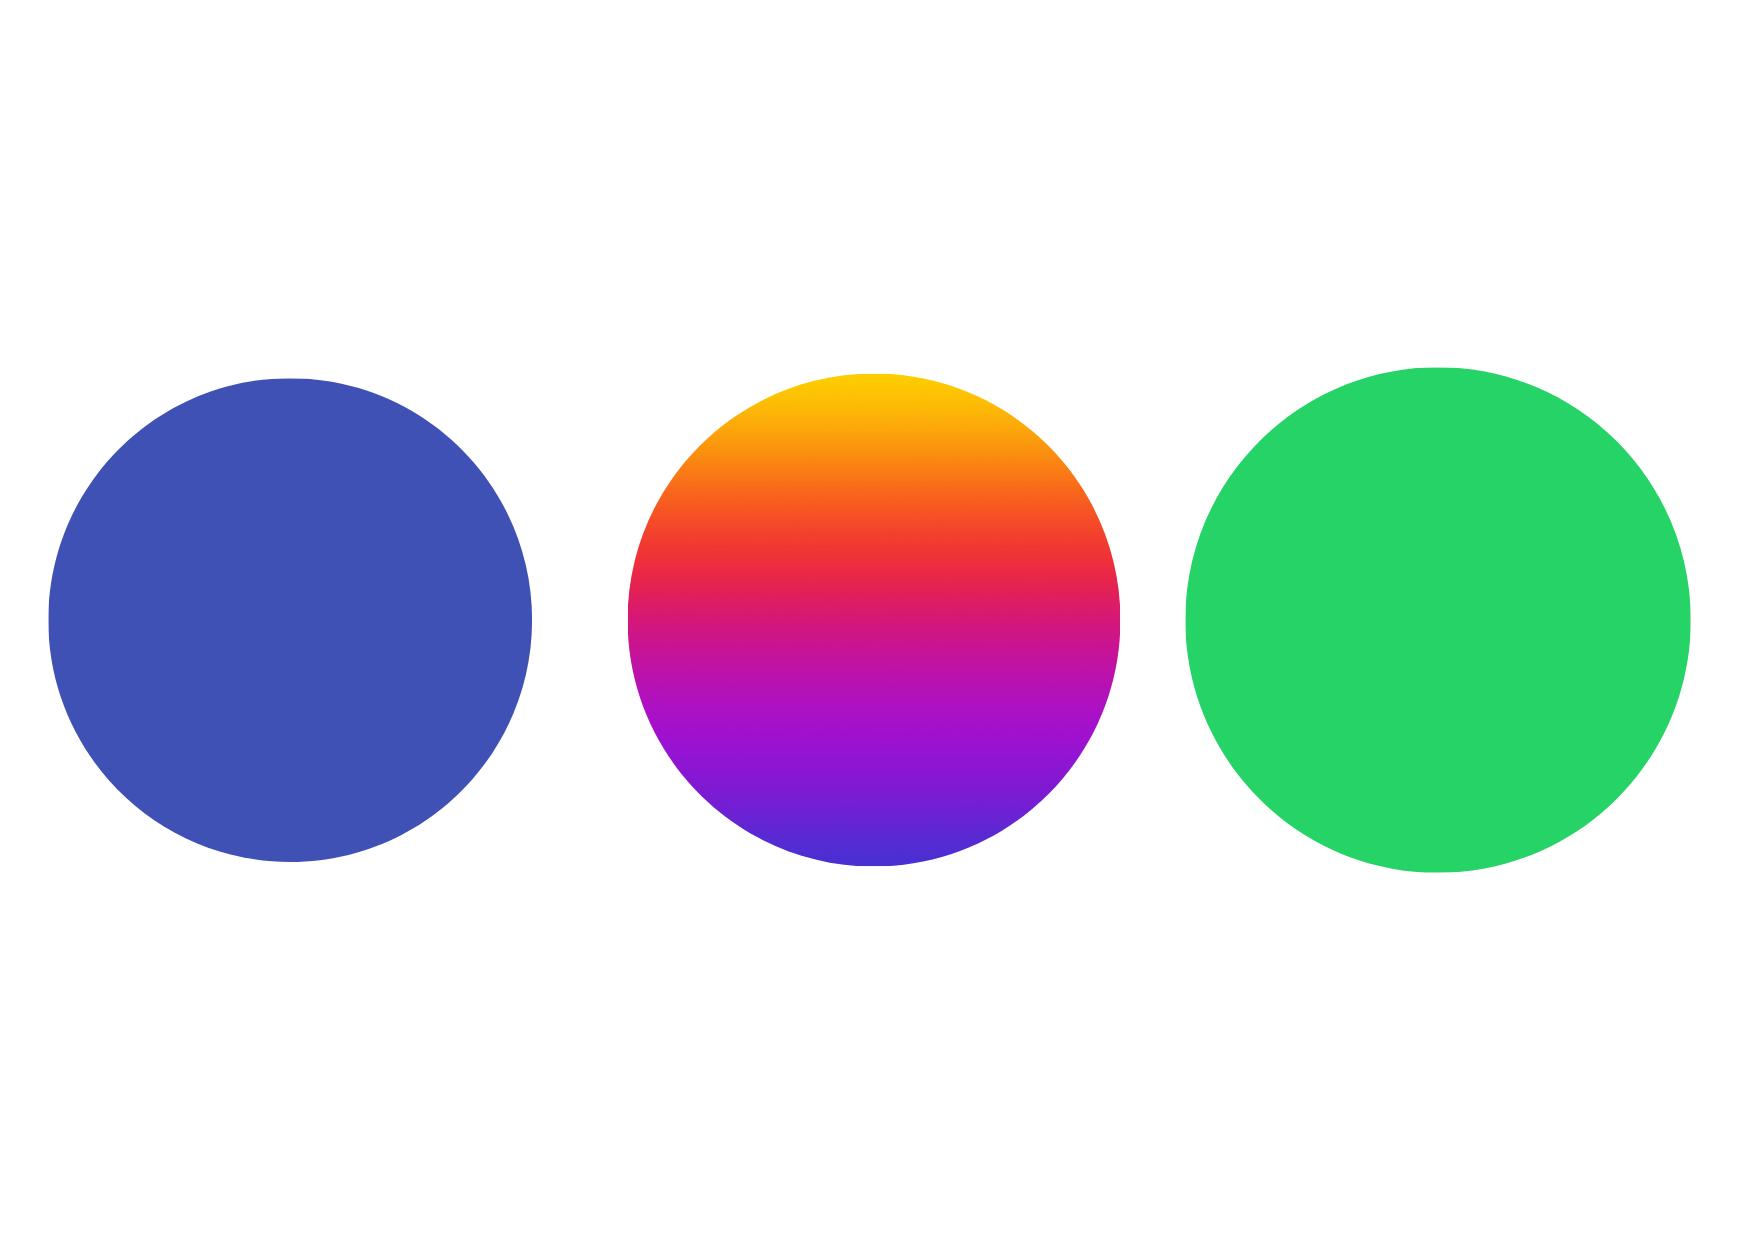 cores de branding dos aplicativos do grupo Facebook